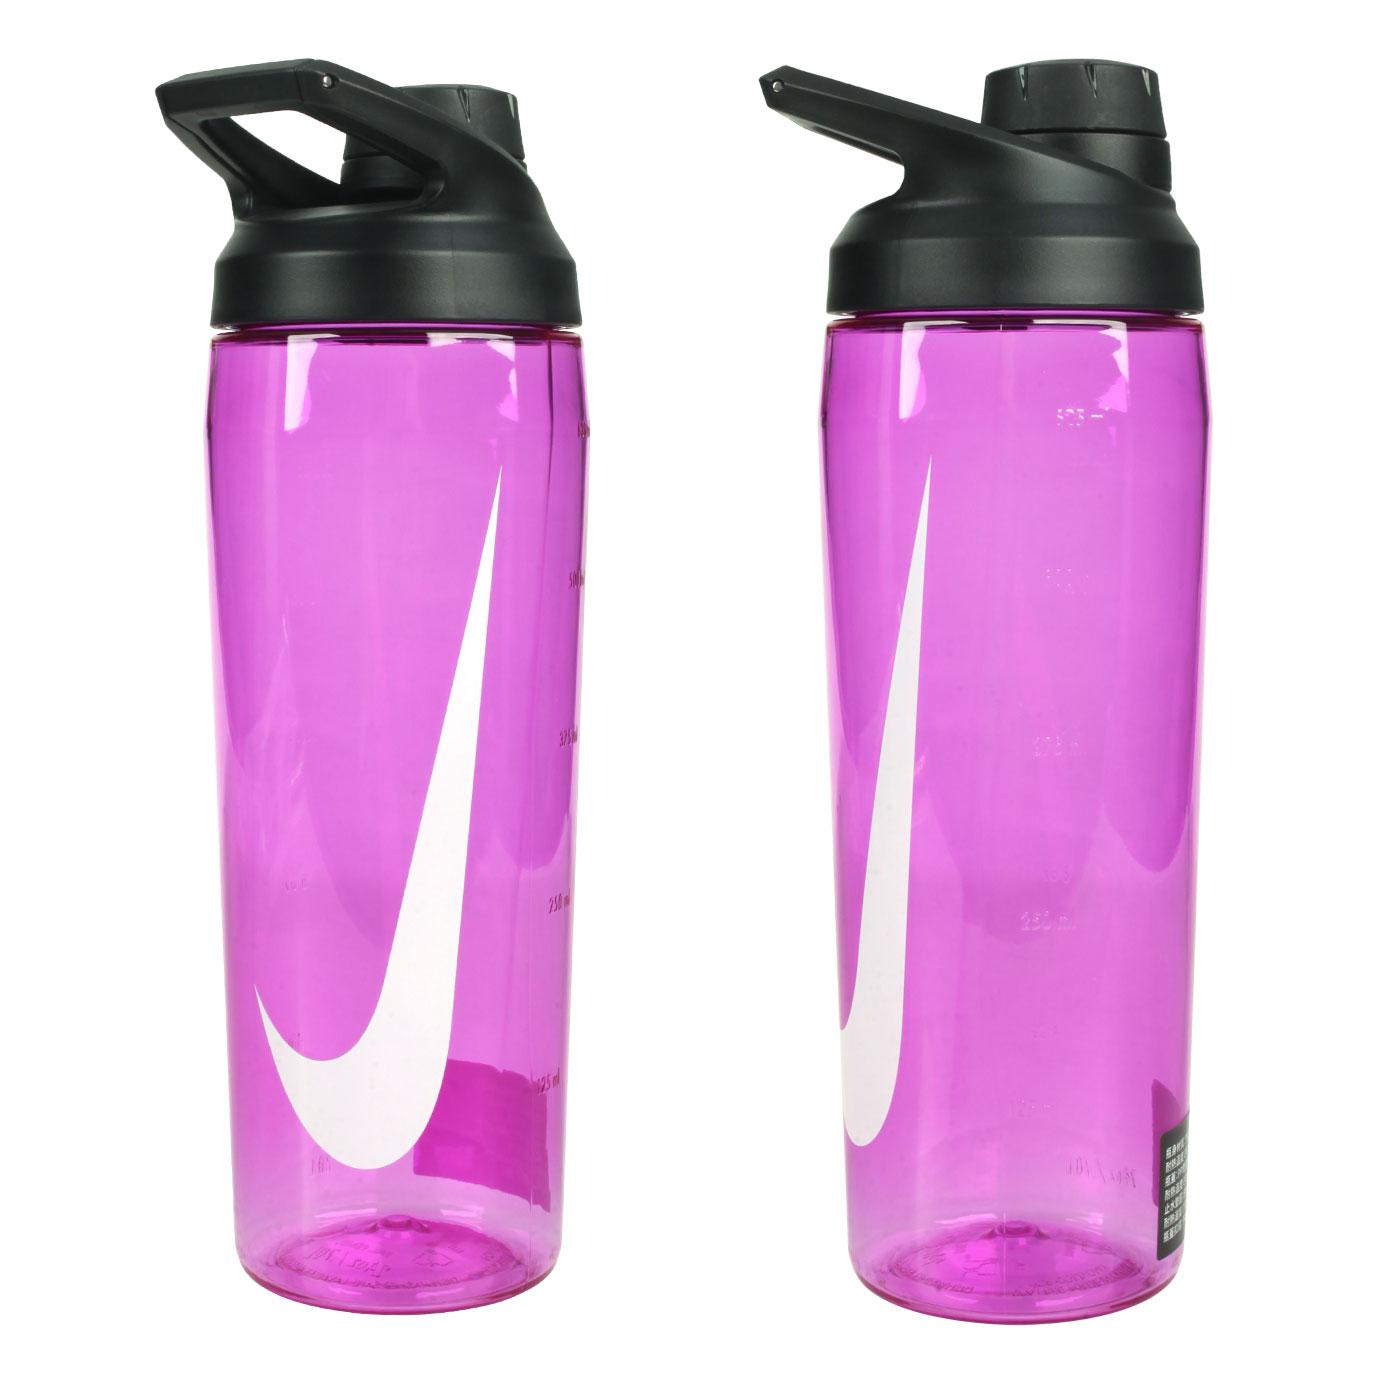 NIKE 24OZ 大口徑水壺 N100062202524 - 紫白